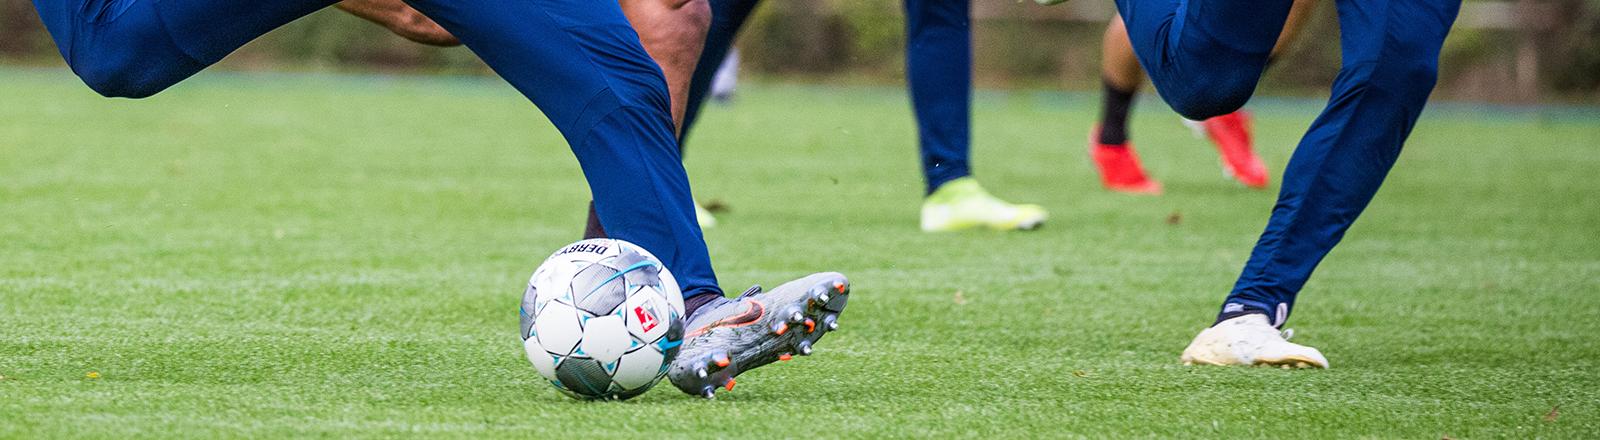 Fußballer während eines Spiels auf einem Spielfeld.